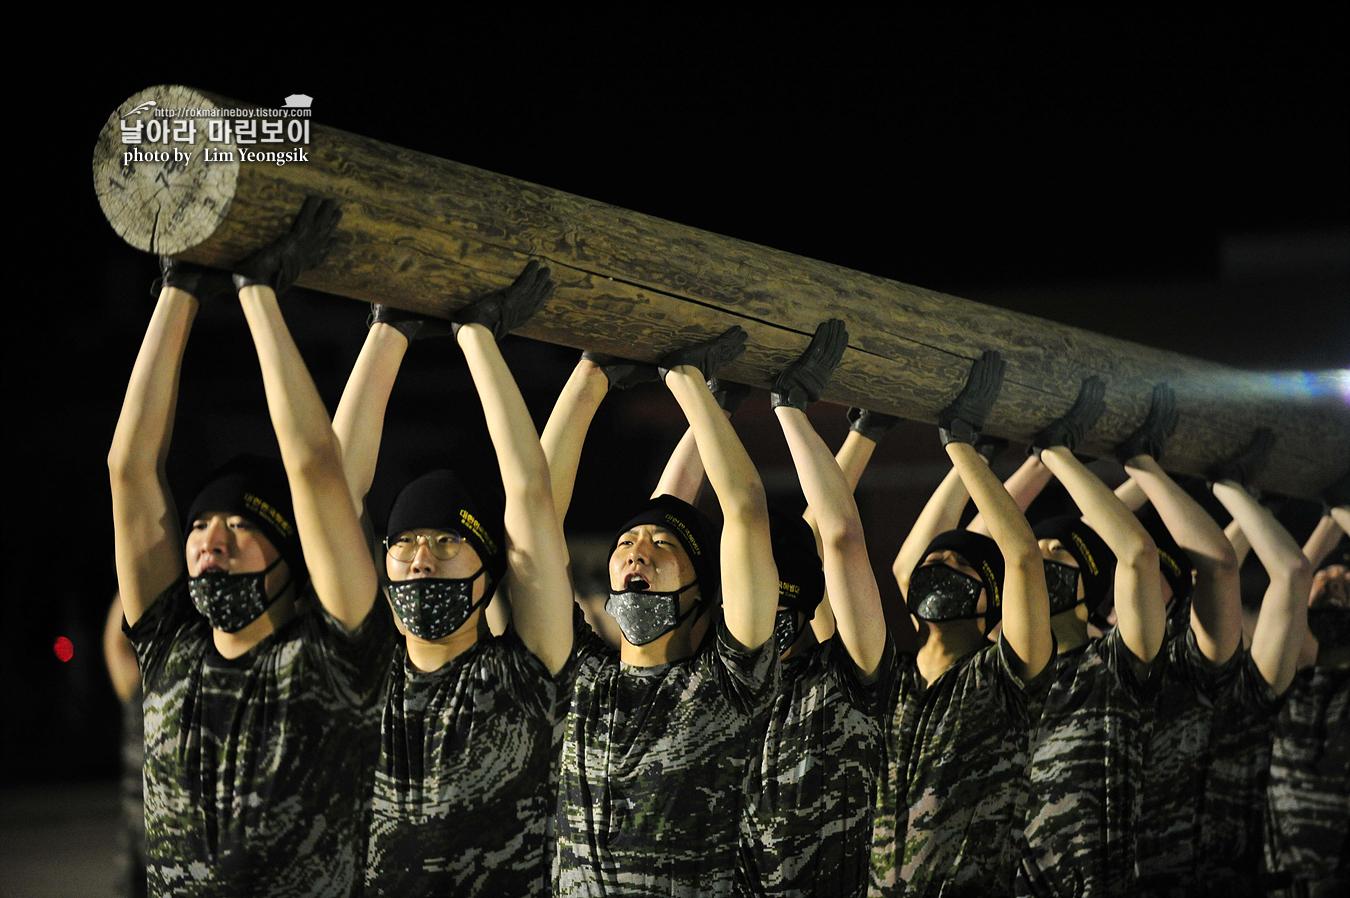 해병대 신병 1255기 극기주 임영식기자_7728.jpg